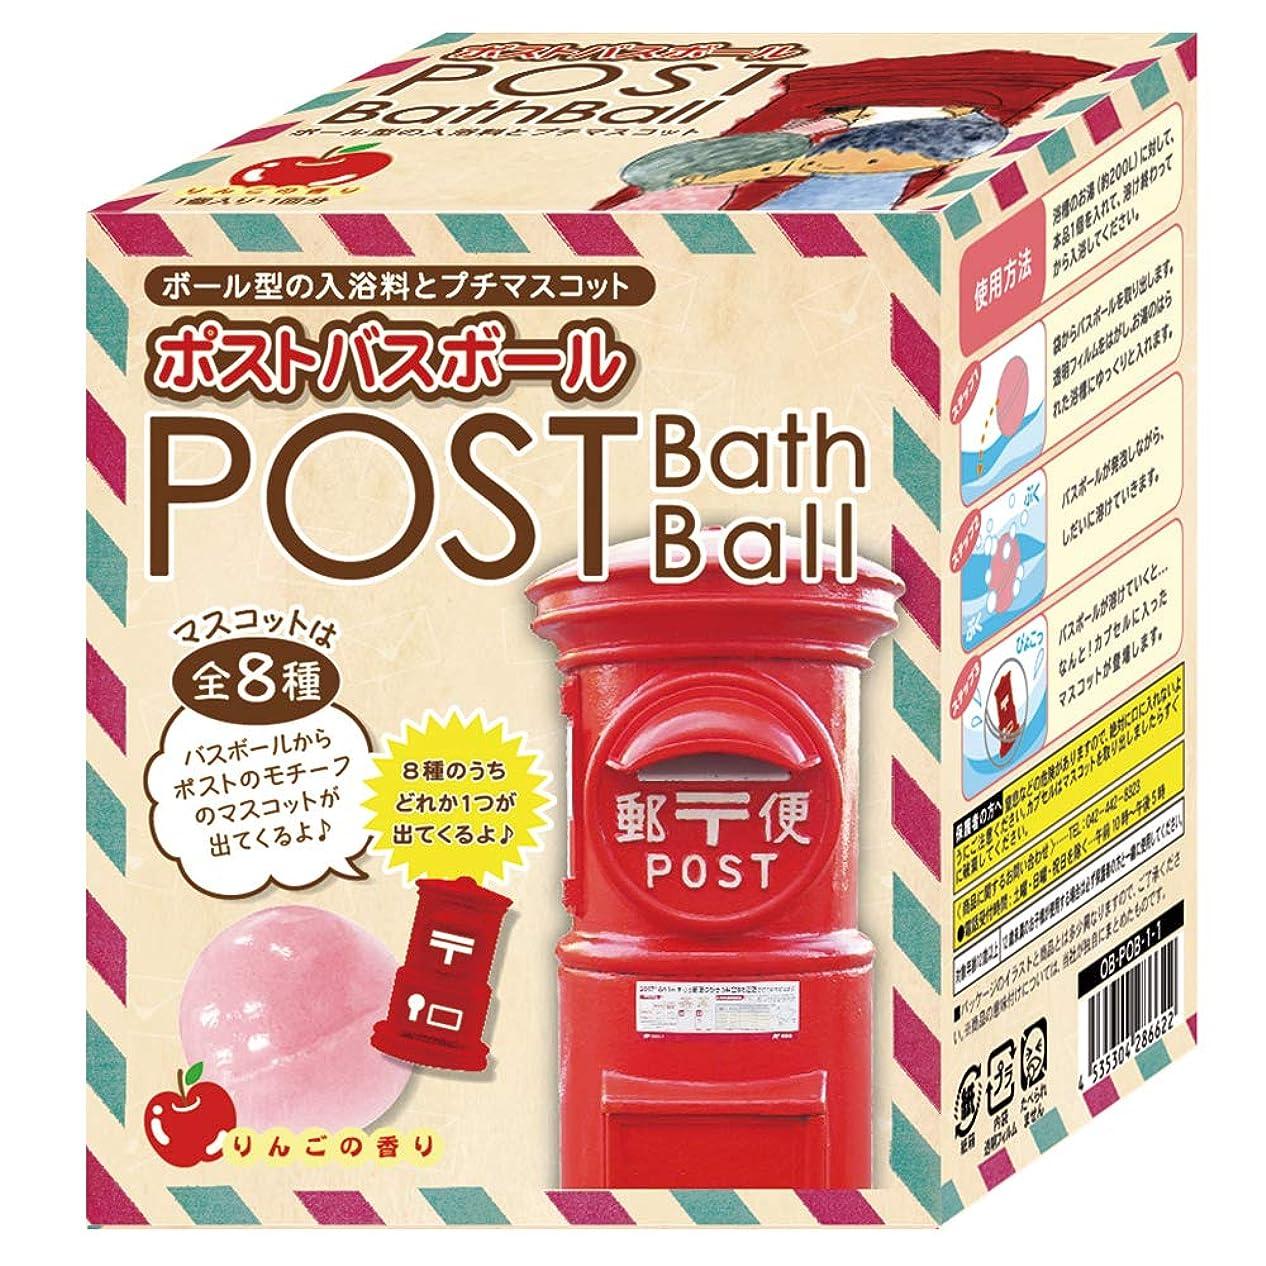 栄養ネックレスネットノルコーポレーション 入浴剤 郵便ポスト バスボール りんごの香り 60g OB-POB-1-1